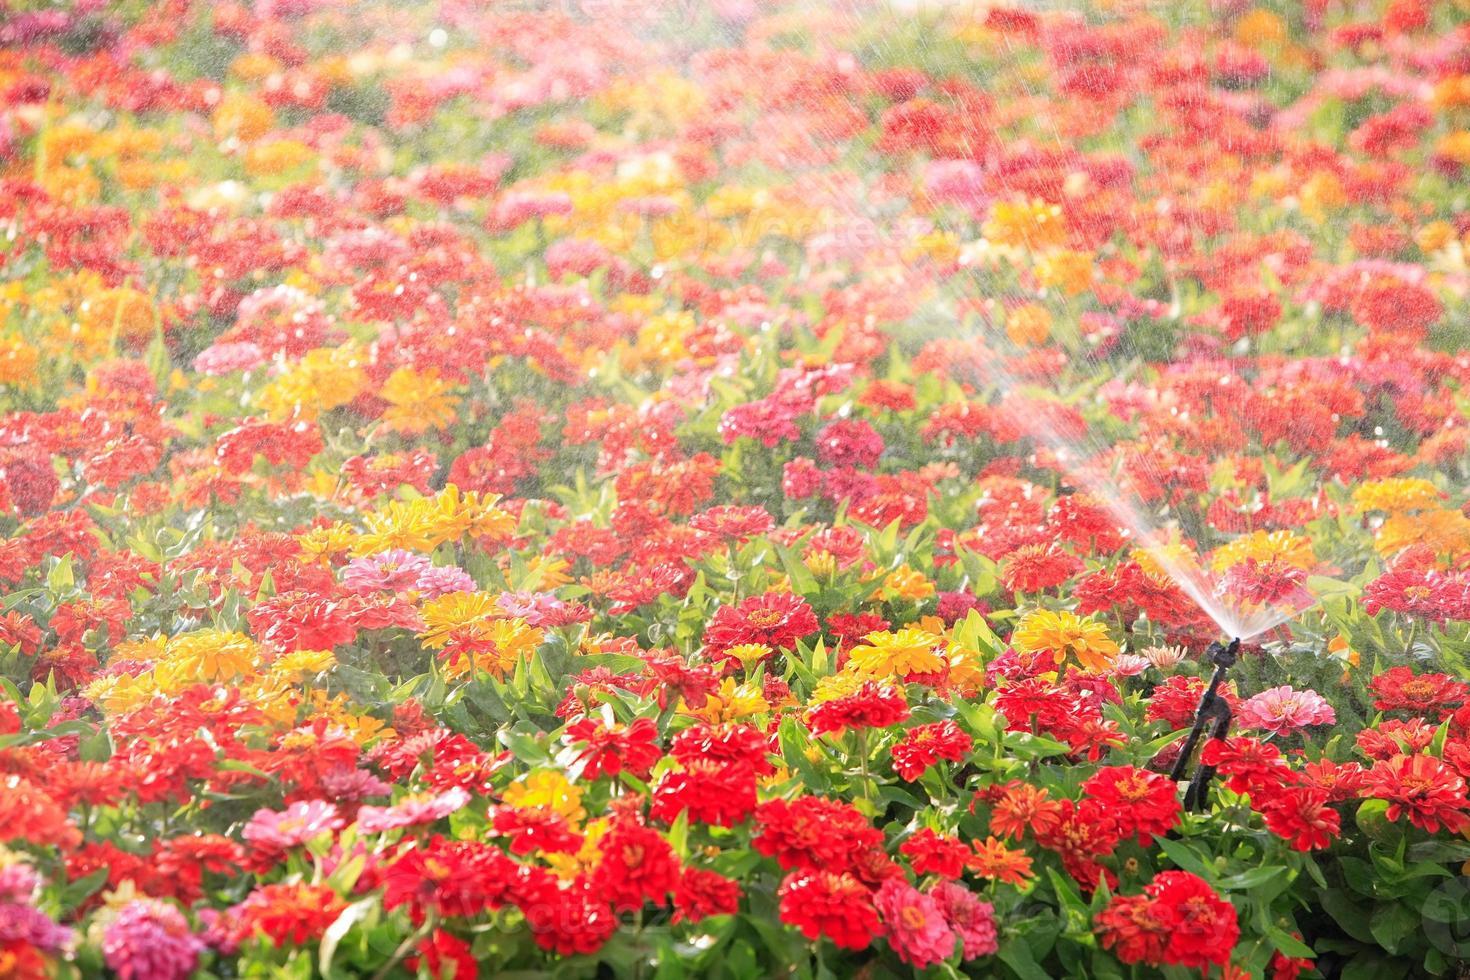 sprinkler head watering the flower photo